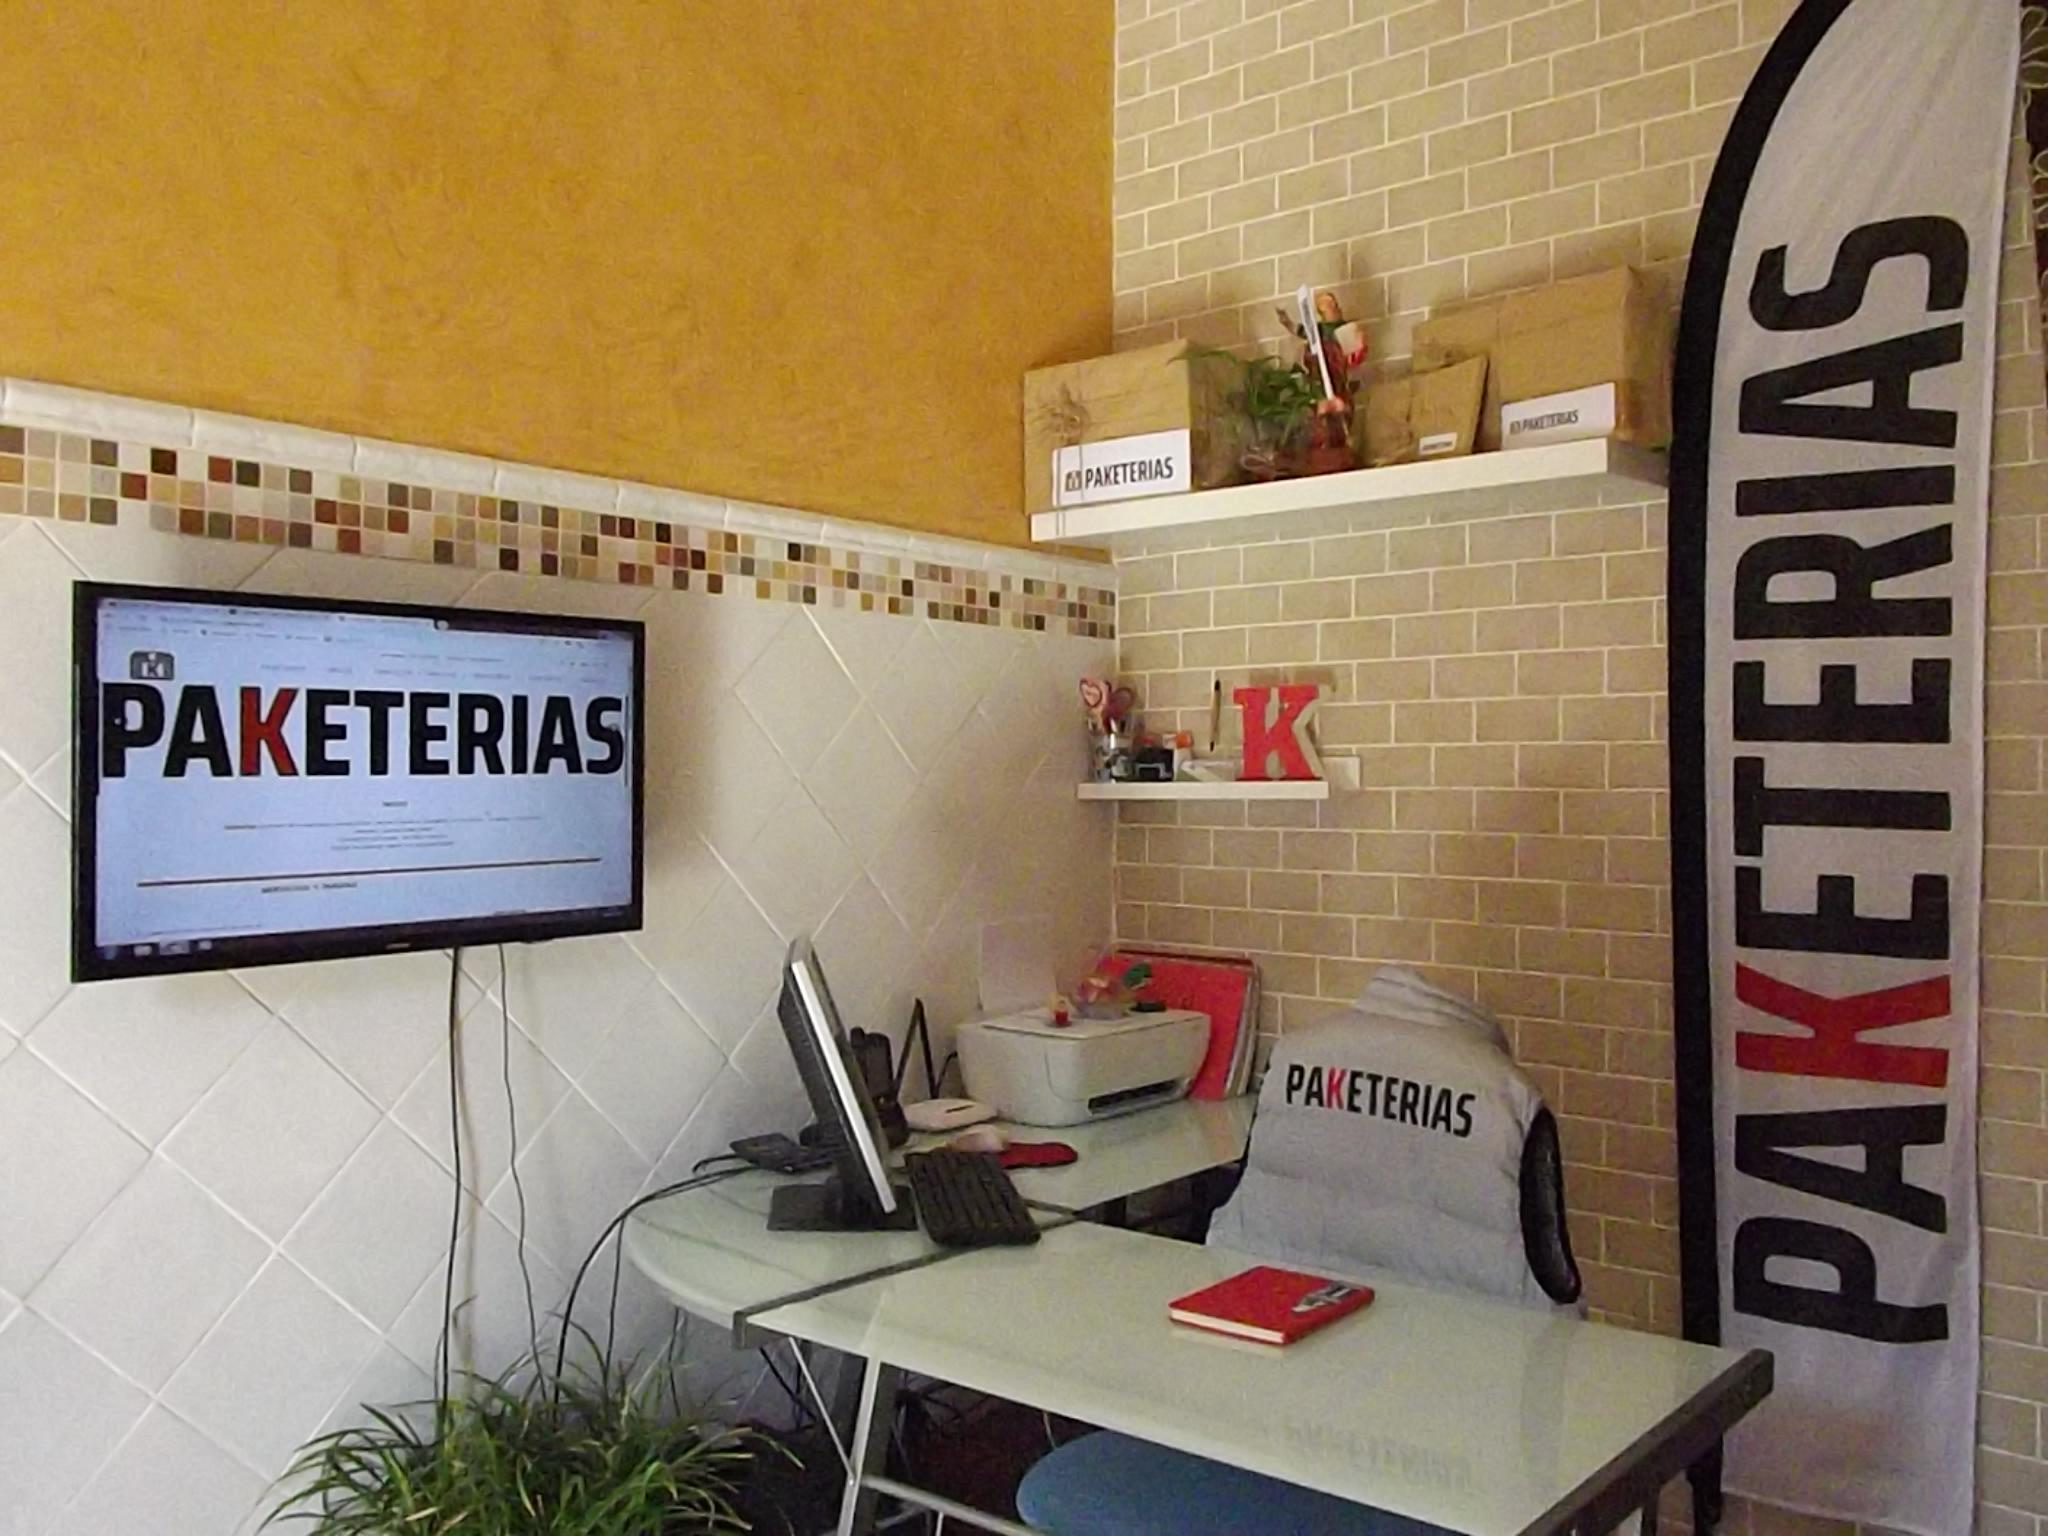 foto_local_paketerias